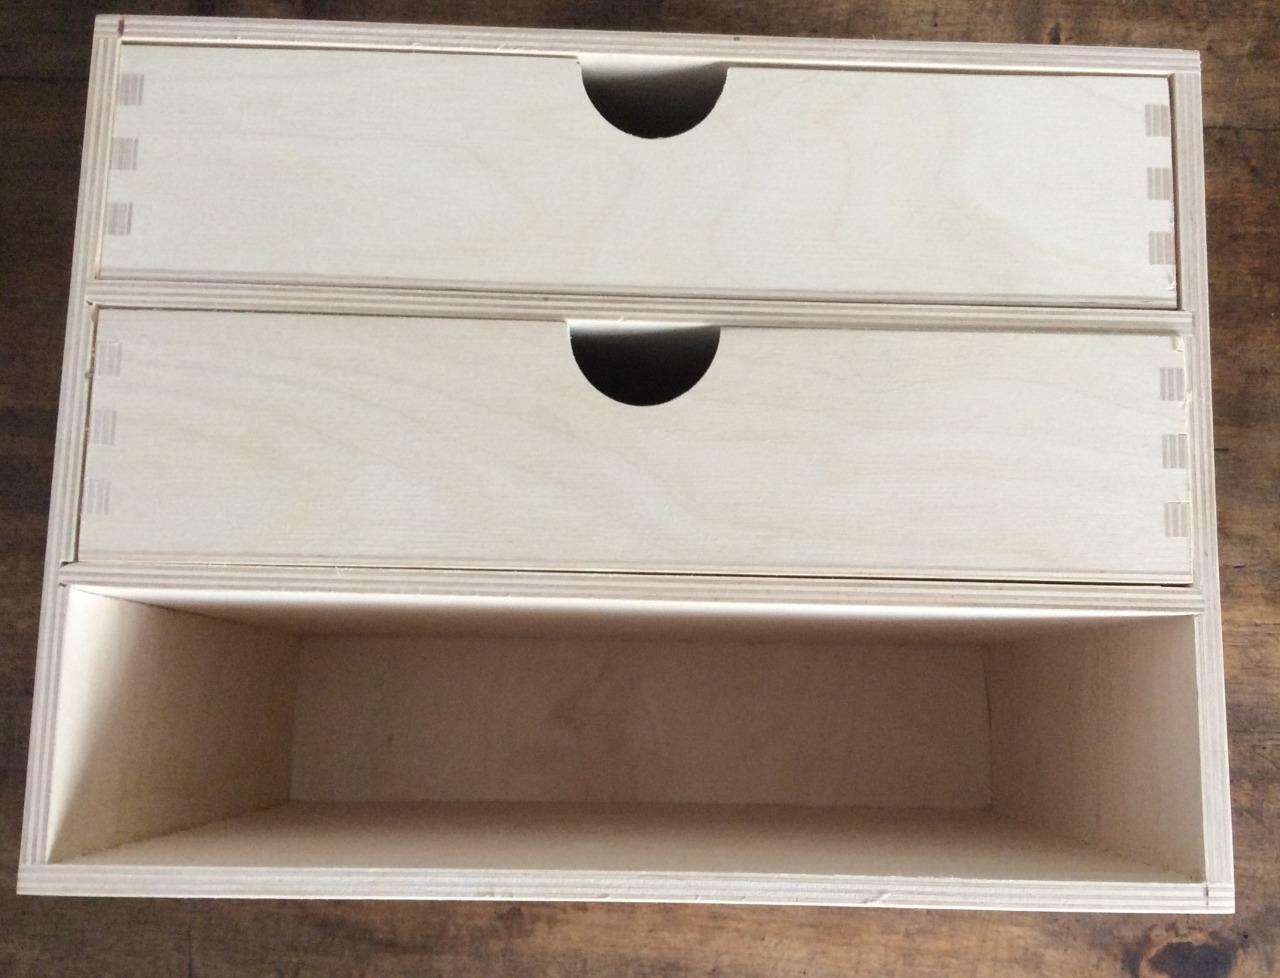 Universal schubladenbox 3 schubladen buerobox holzbox for Schubladen aufbewahrung